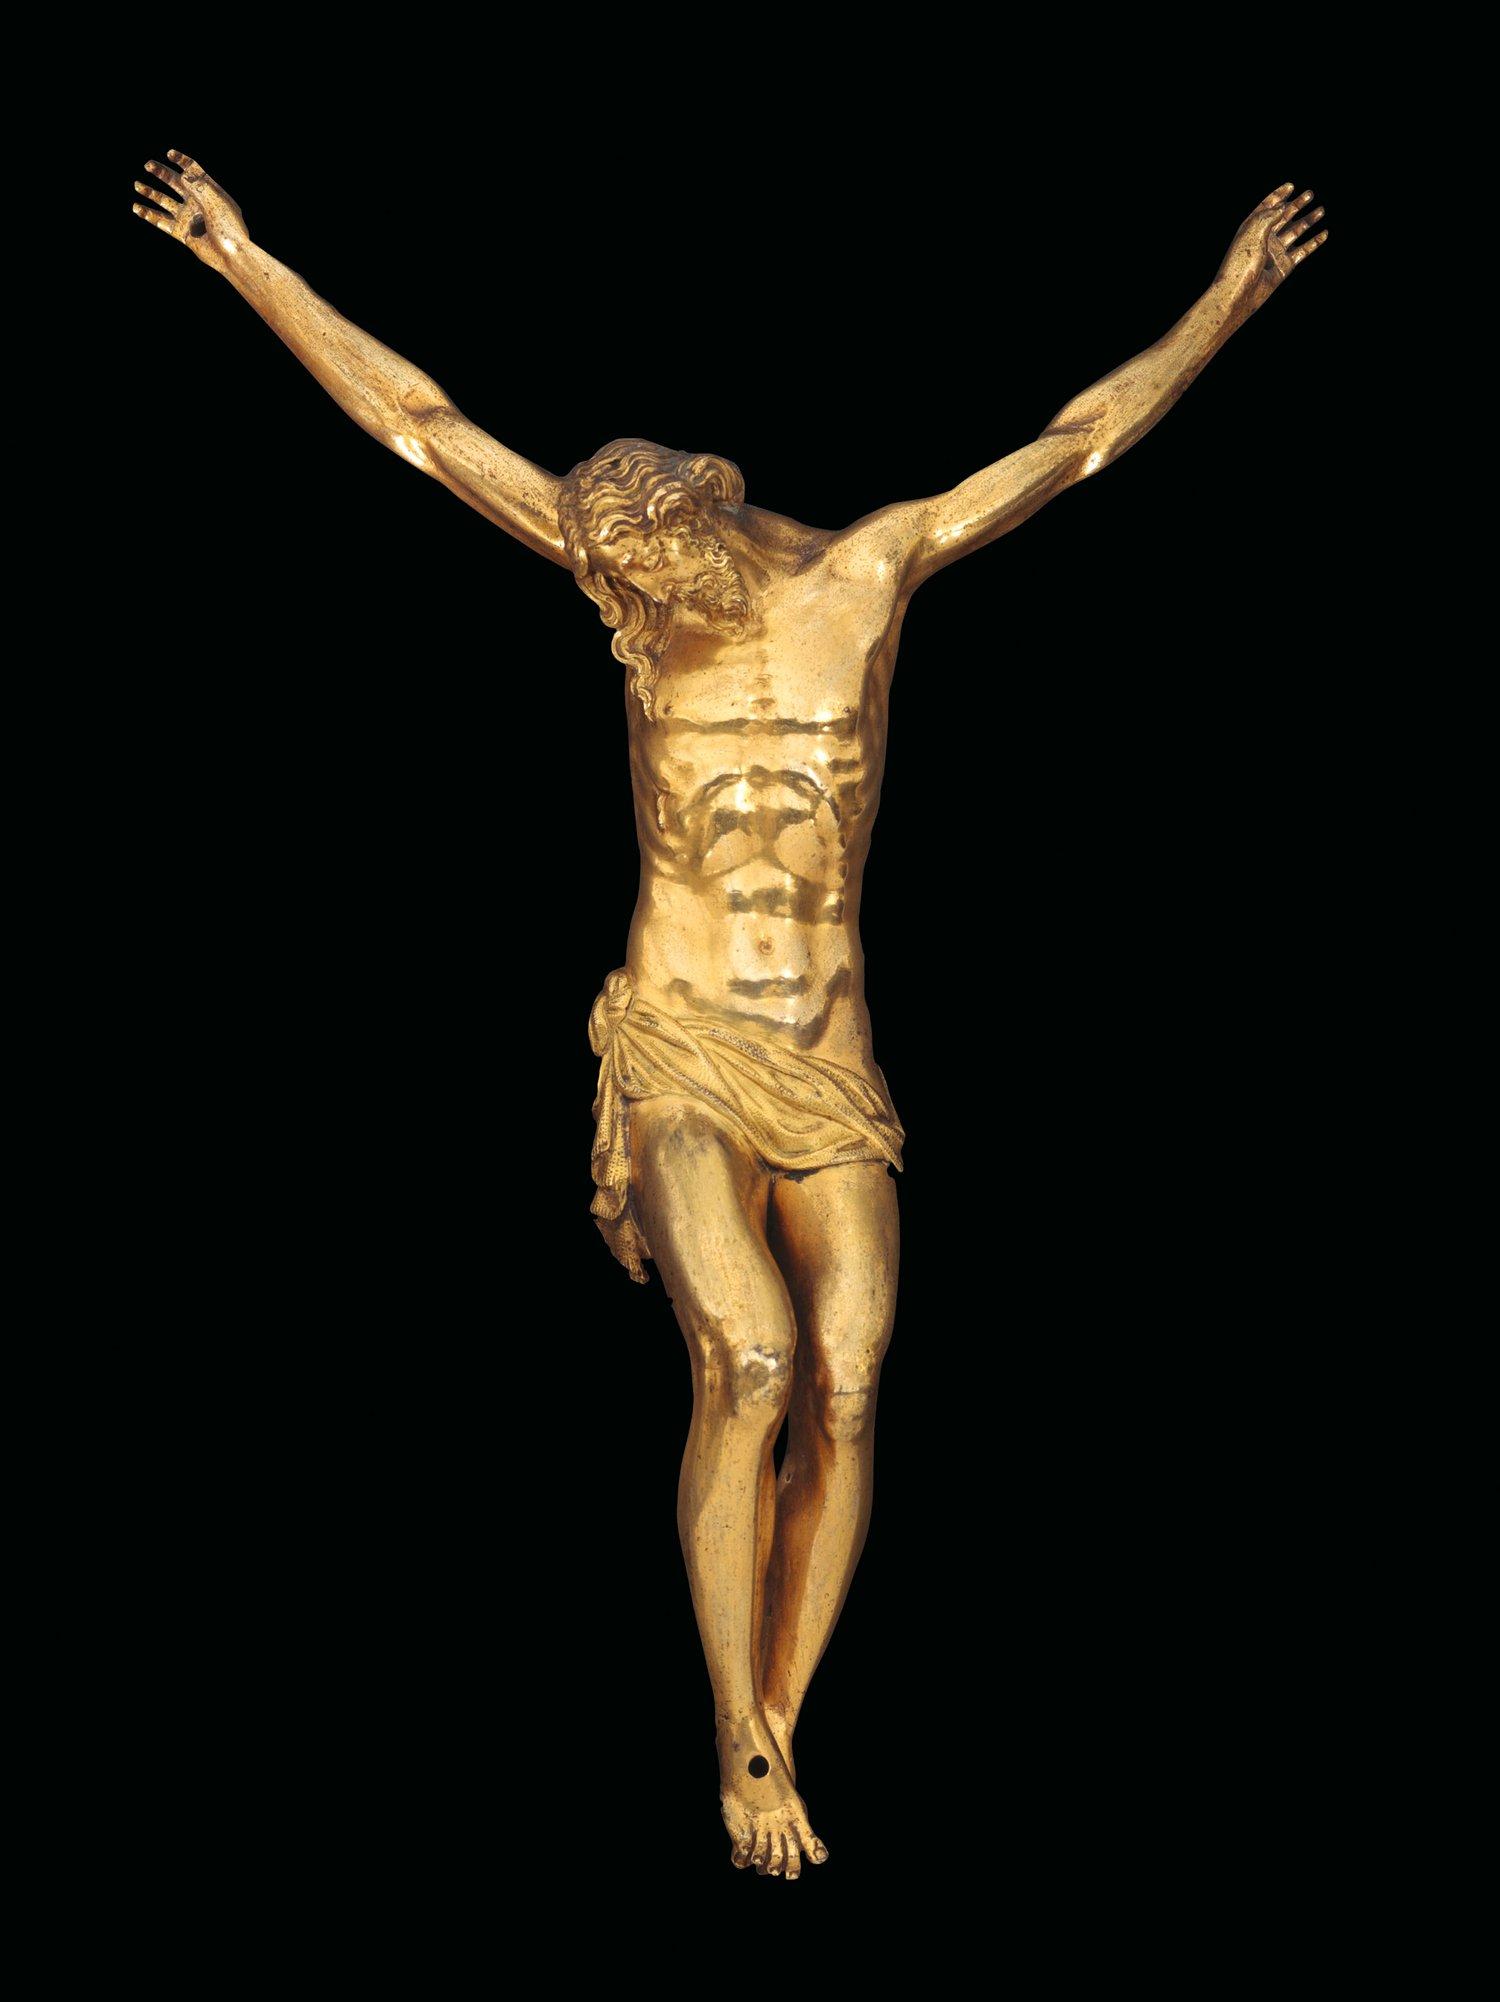 Image of A gilt bronze crucifix by Guglielmo della Porta and workshop, ca. 1570-75